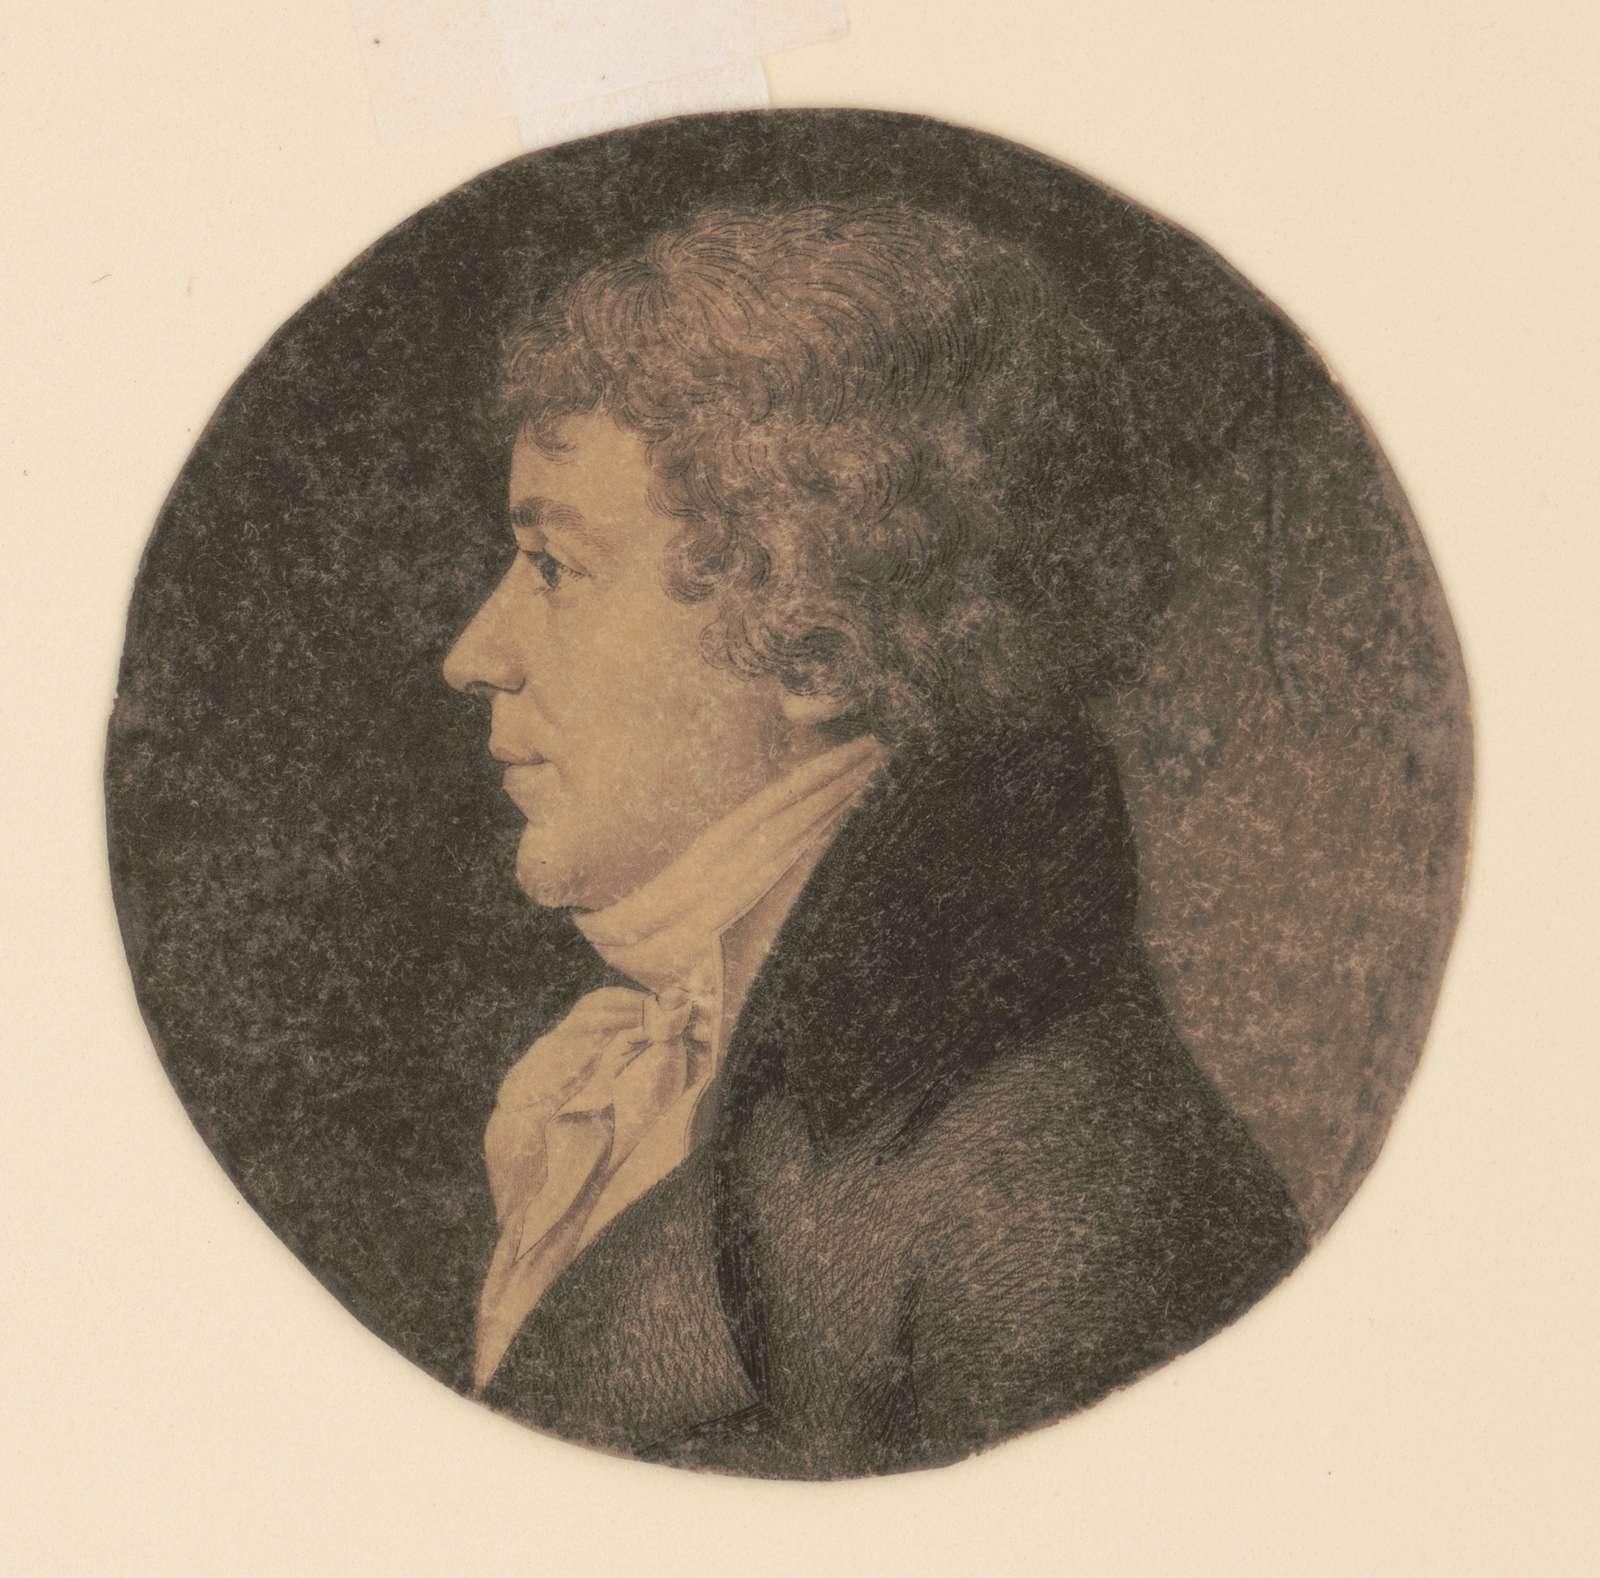 John Simon Chaudron, head-and-shoulders portrait, left profile